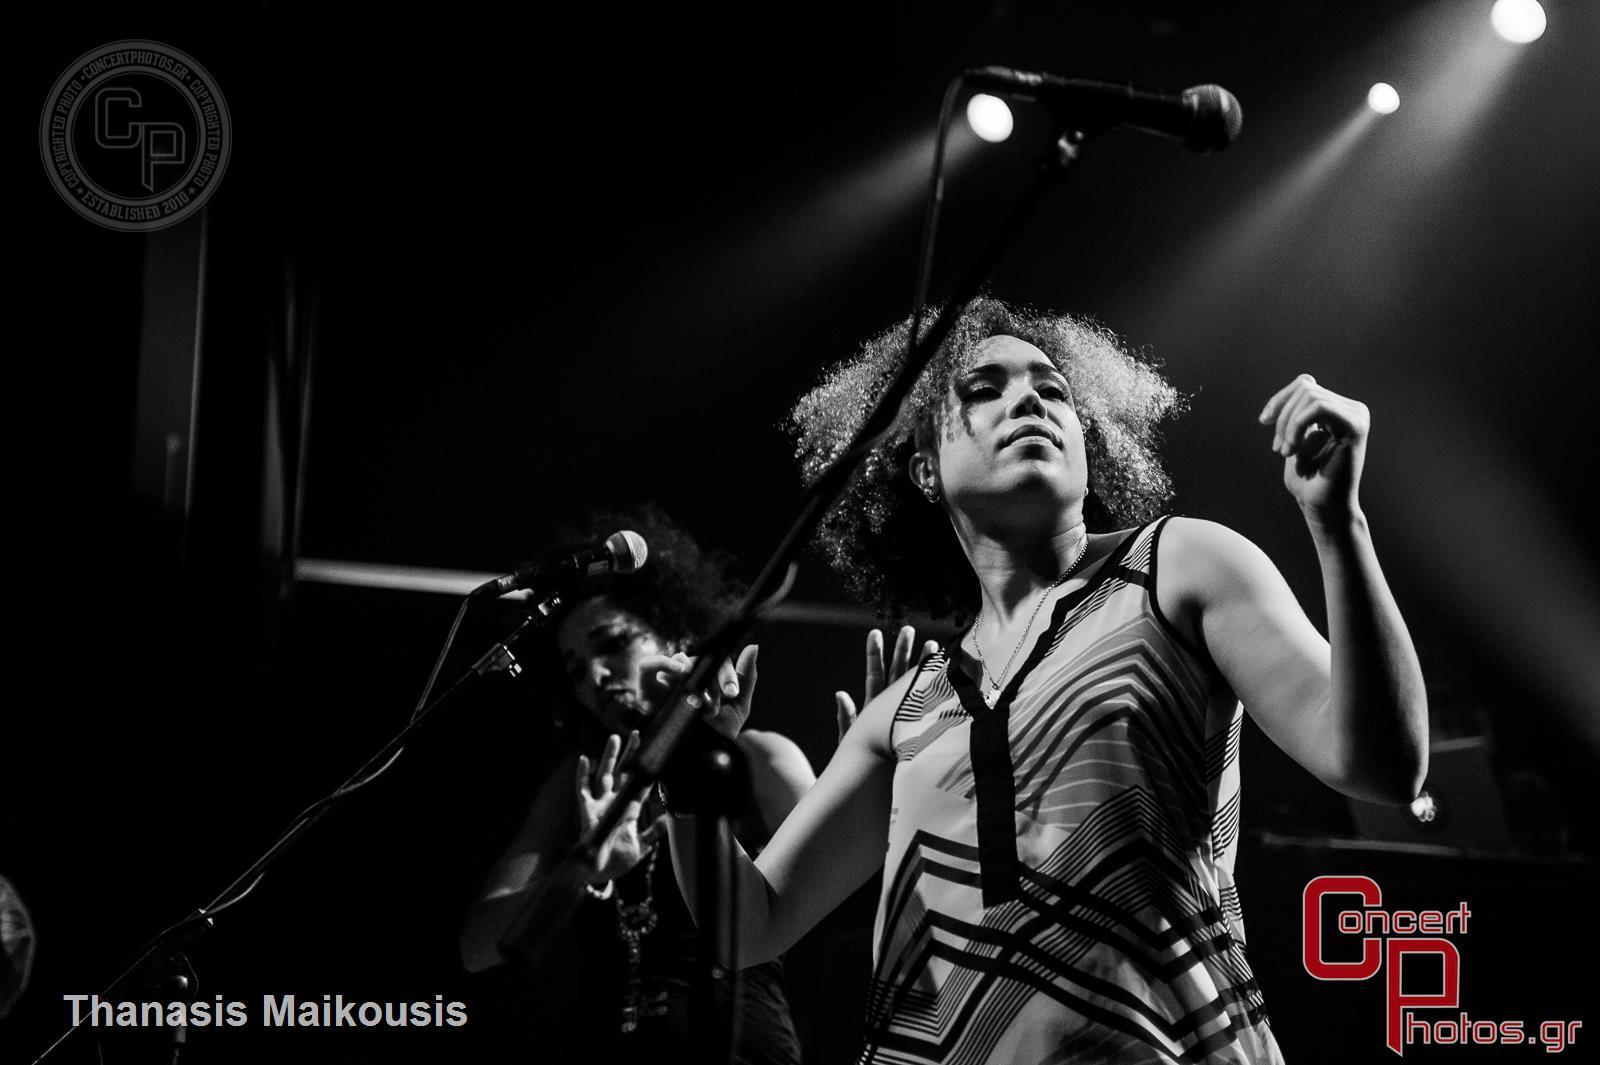 Stereo Mc's-Stereo Mcs photographer: Thanasis Maikousis - ConcertPhotos - 20141129_2331_37